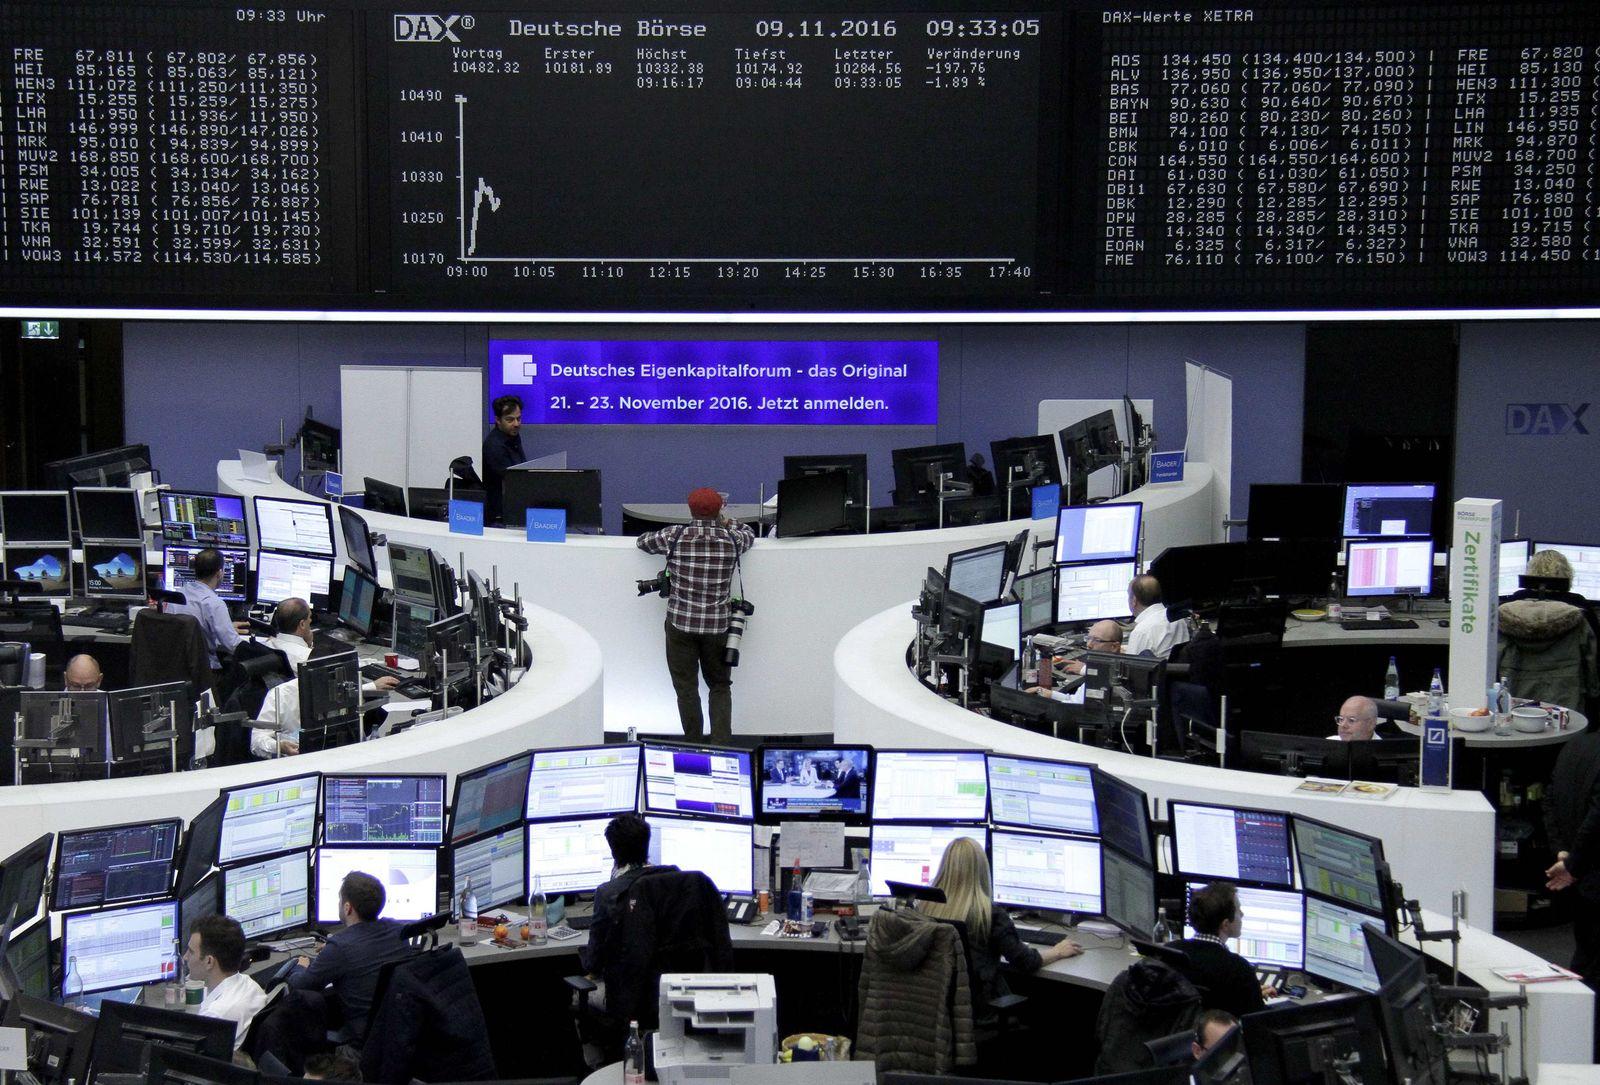 DAX / Börse Deutschland